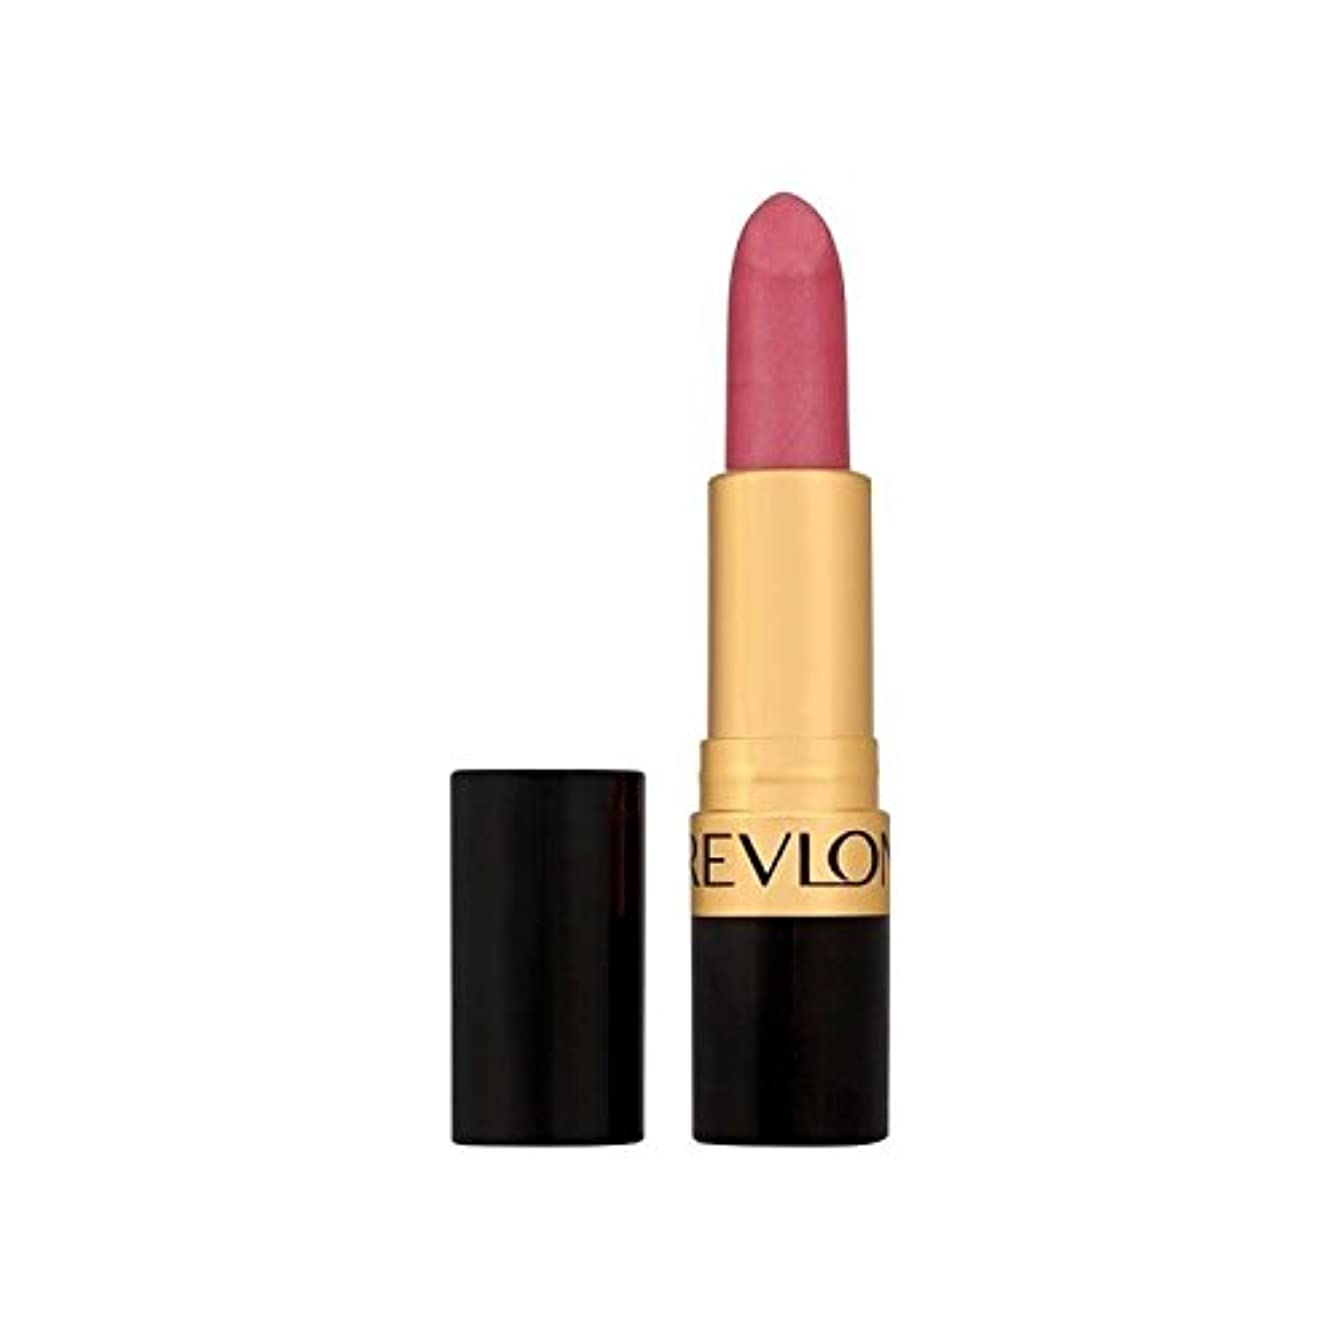 休戦ウェーハ世界の窓レブロンスーパー光沢のある口紅アメジストシェル424 x2 - Revlon Super Lustrous Lipstick Amethyst Shell 424 (Pack of 2) [並行輸入品]